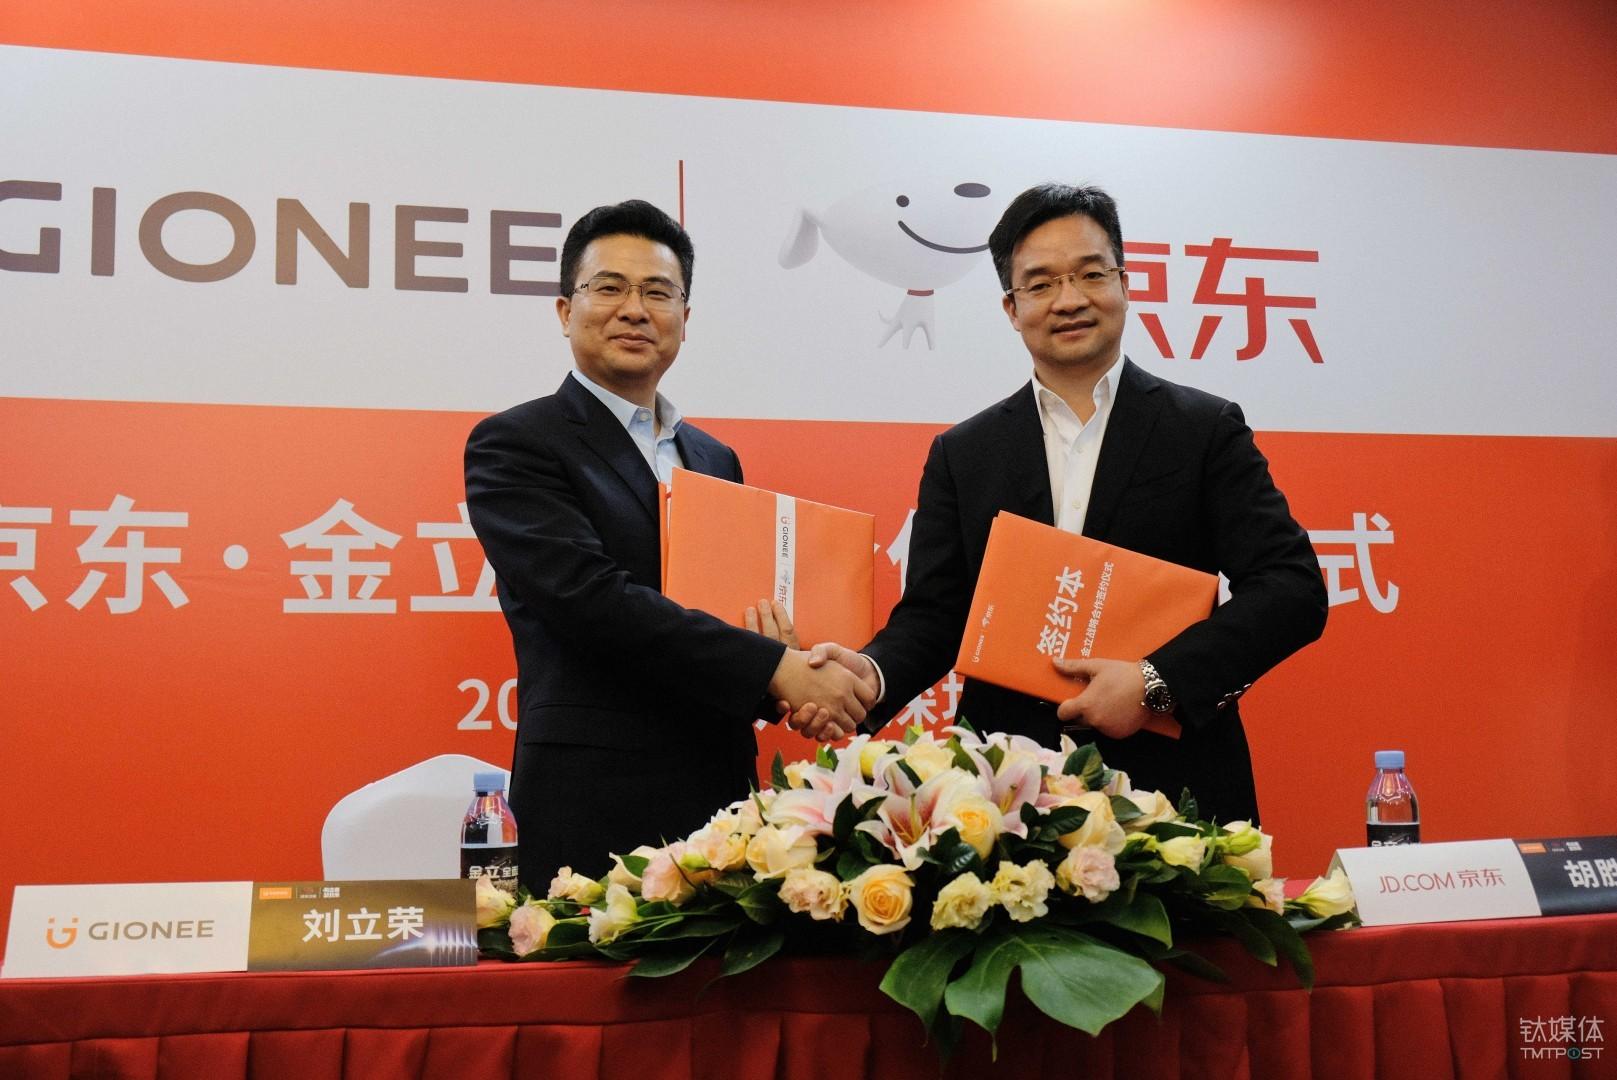 刘立荣(左)与胡胜利(右)签署合作协议